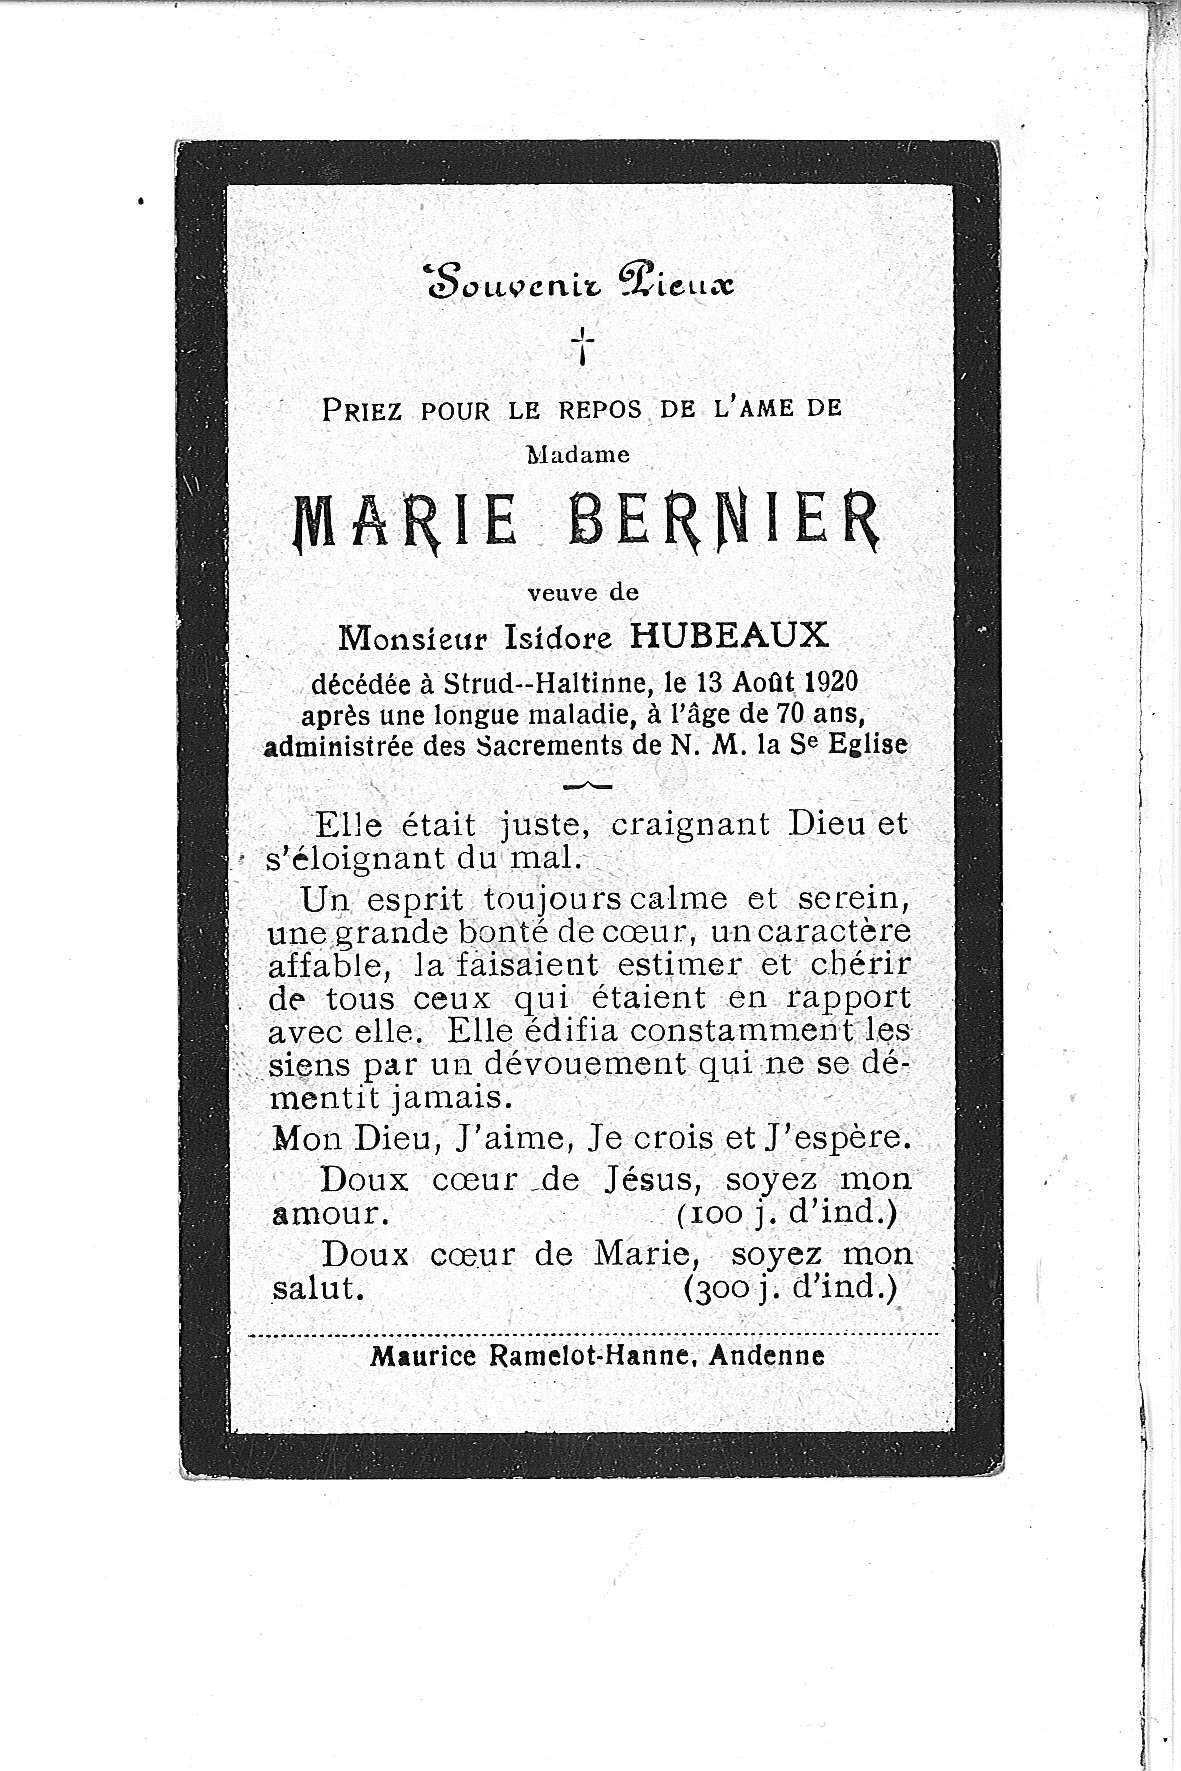 Marie(1920)20110114152404_00002.jpg